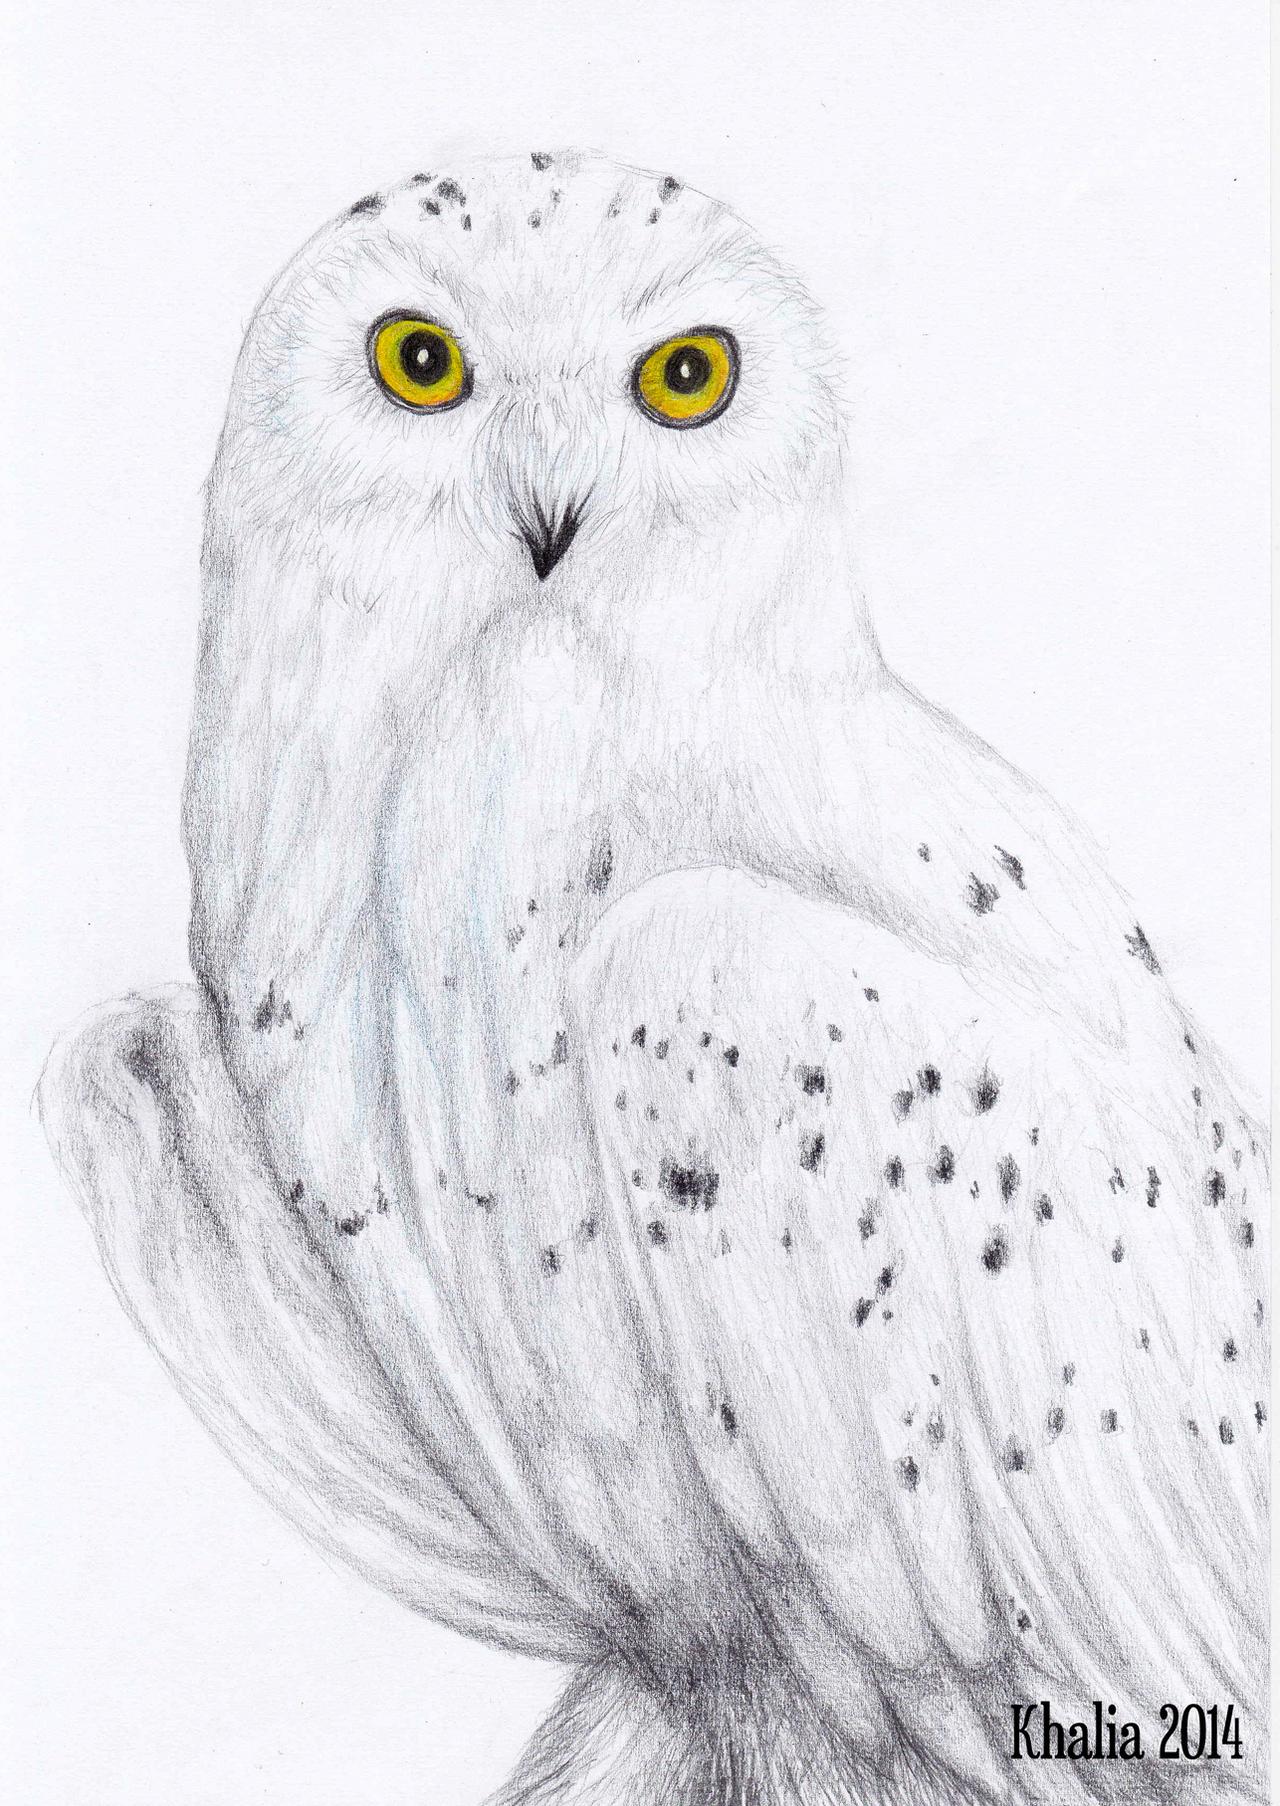 Snowy Owl Drawing by KhaliaArt on DeviantArt